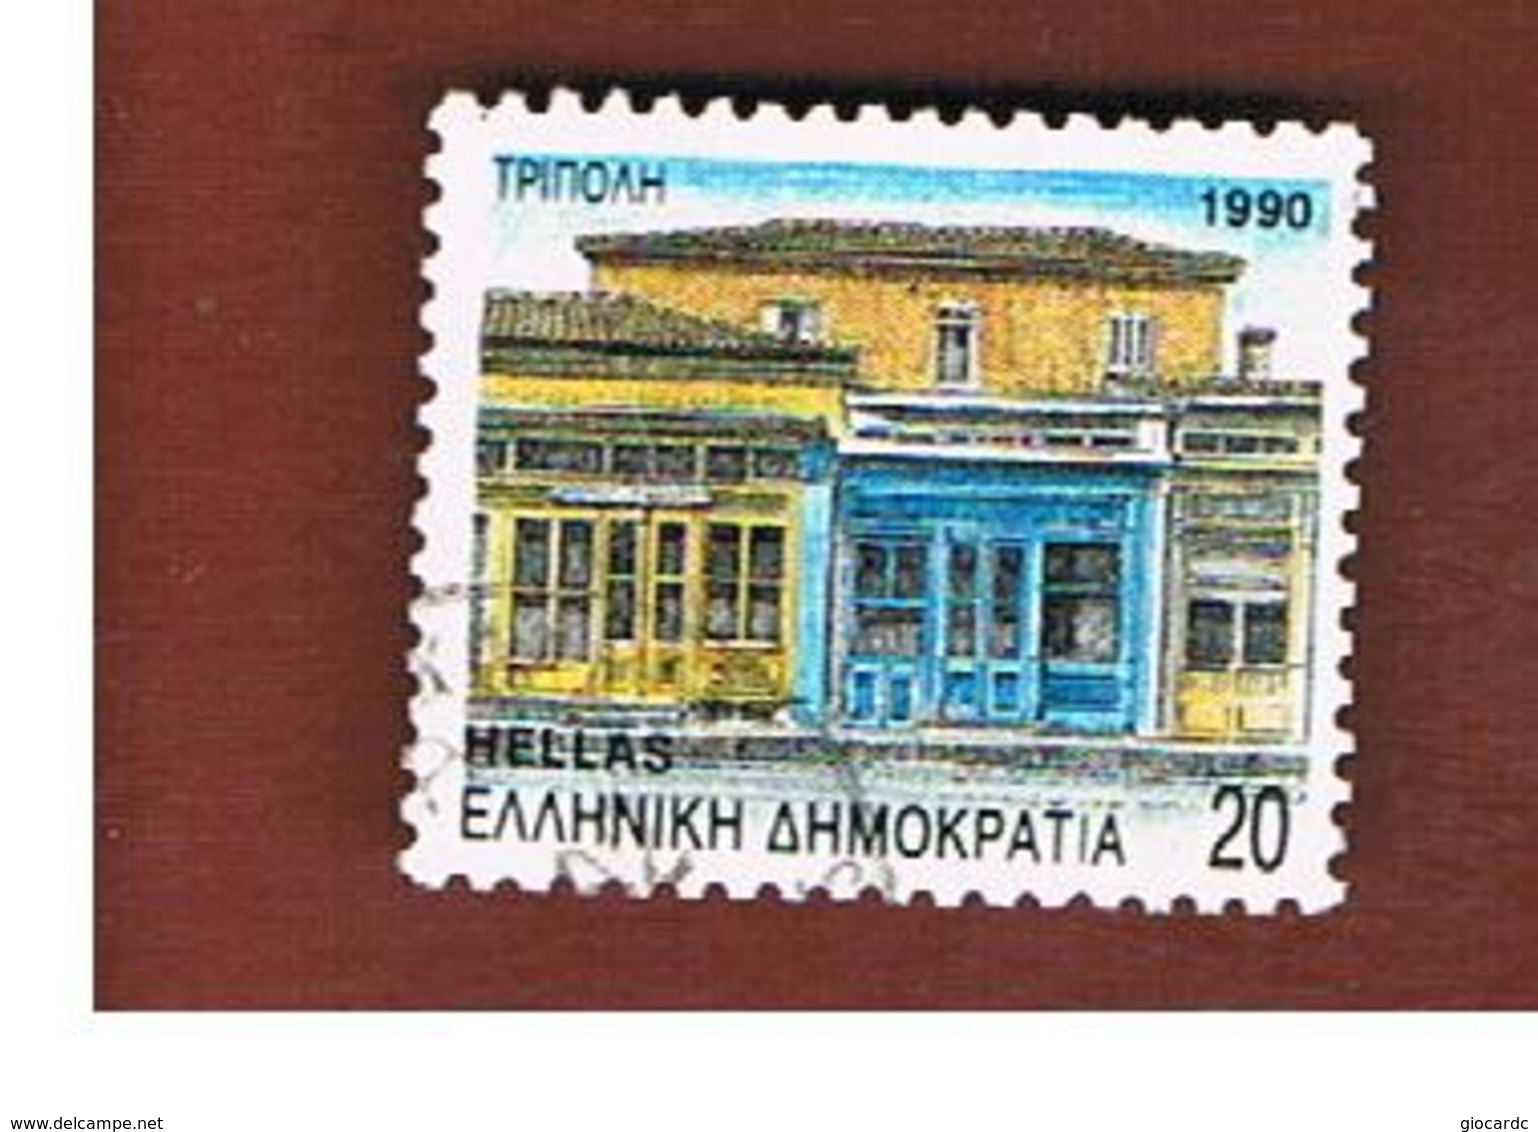 GRECIA (GREECE) - SG 1853BA -  1990 PREFECTURE CAPITALS  - USED ° - Grecia